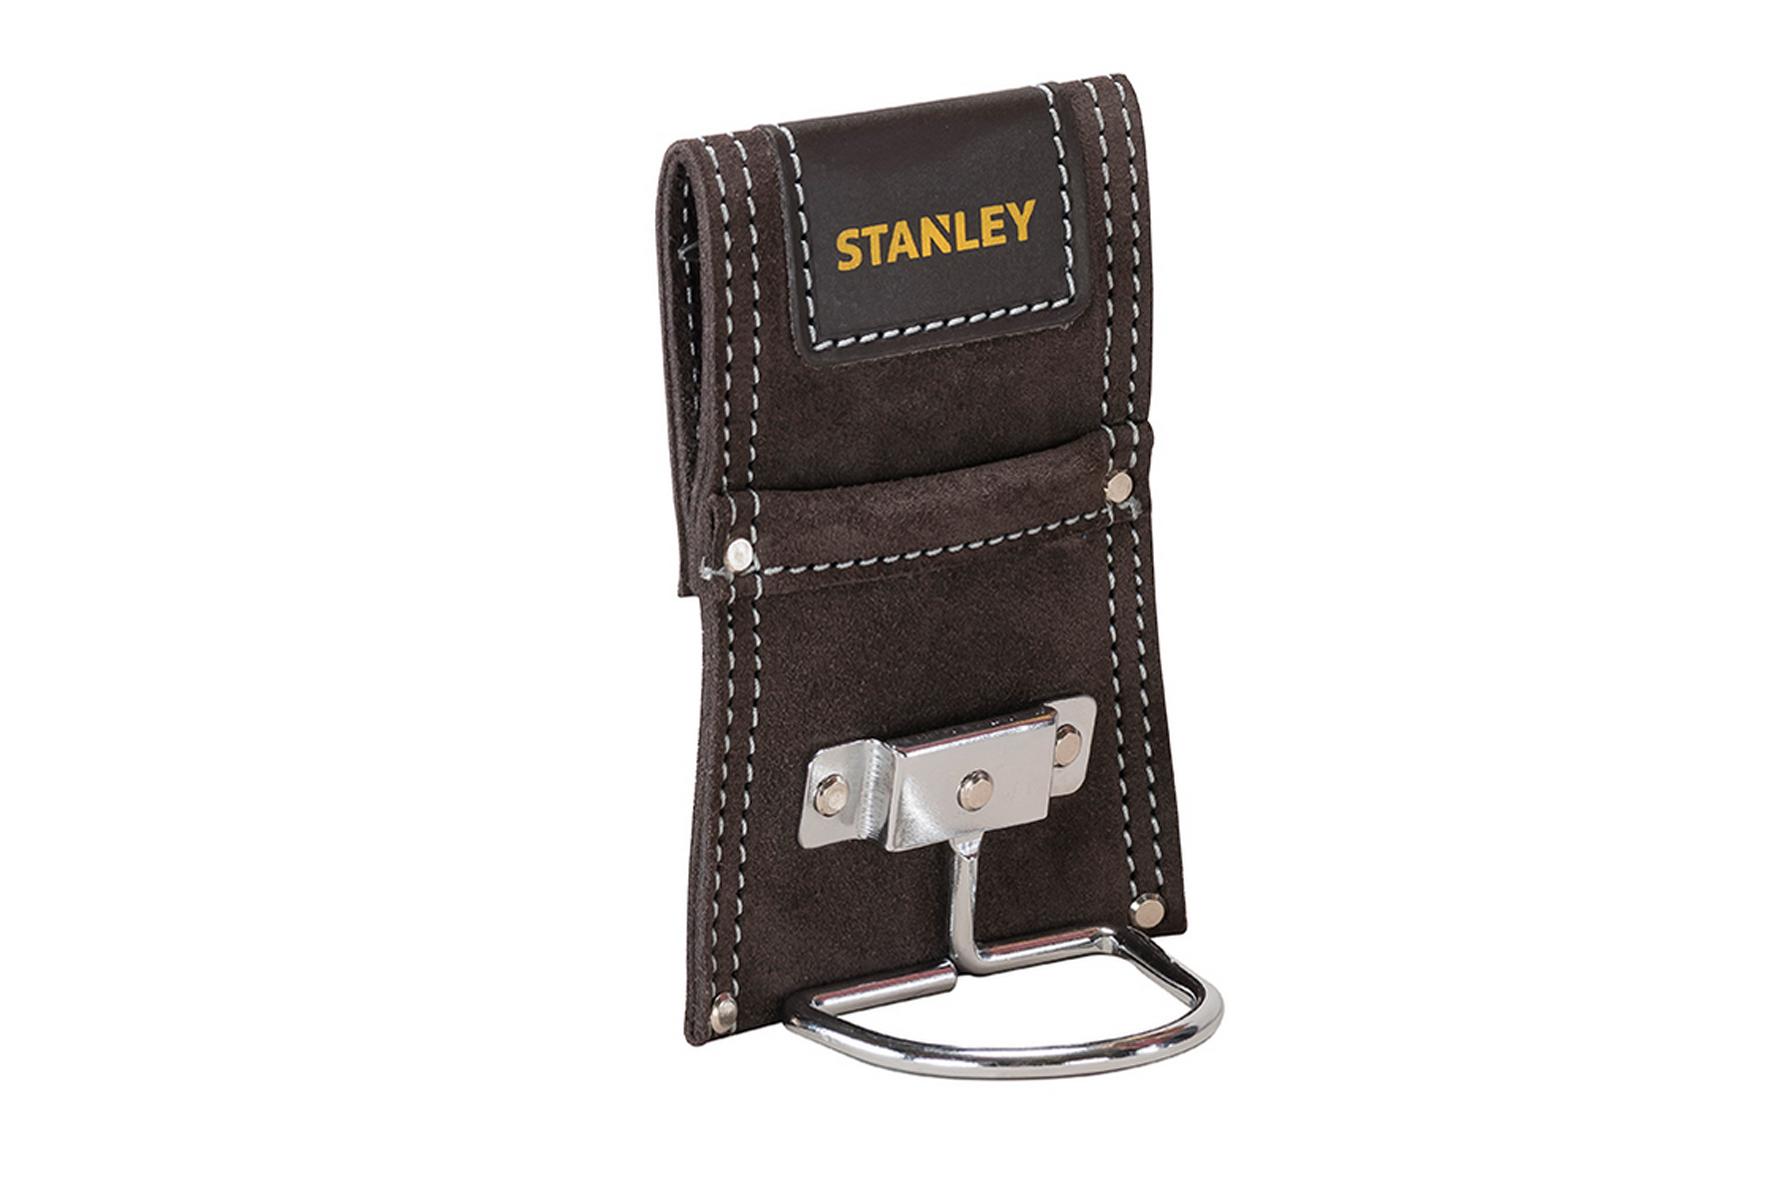 Porte marteau cuir stanley pro. Achat en ligne ou dans notre magasin. 74e5efa6ca7